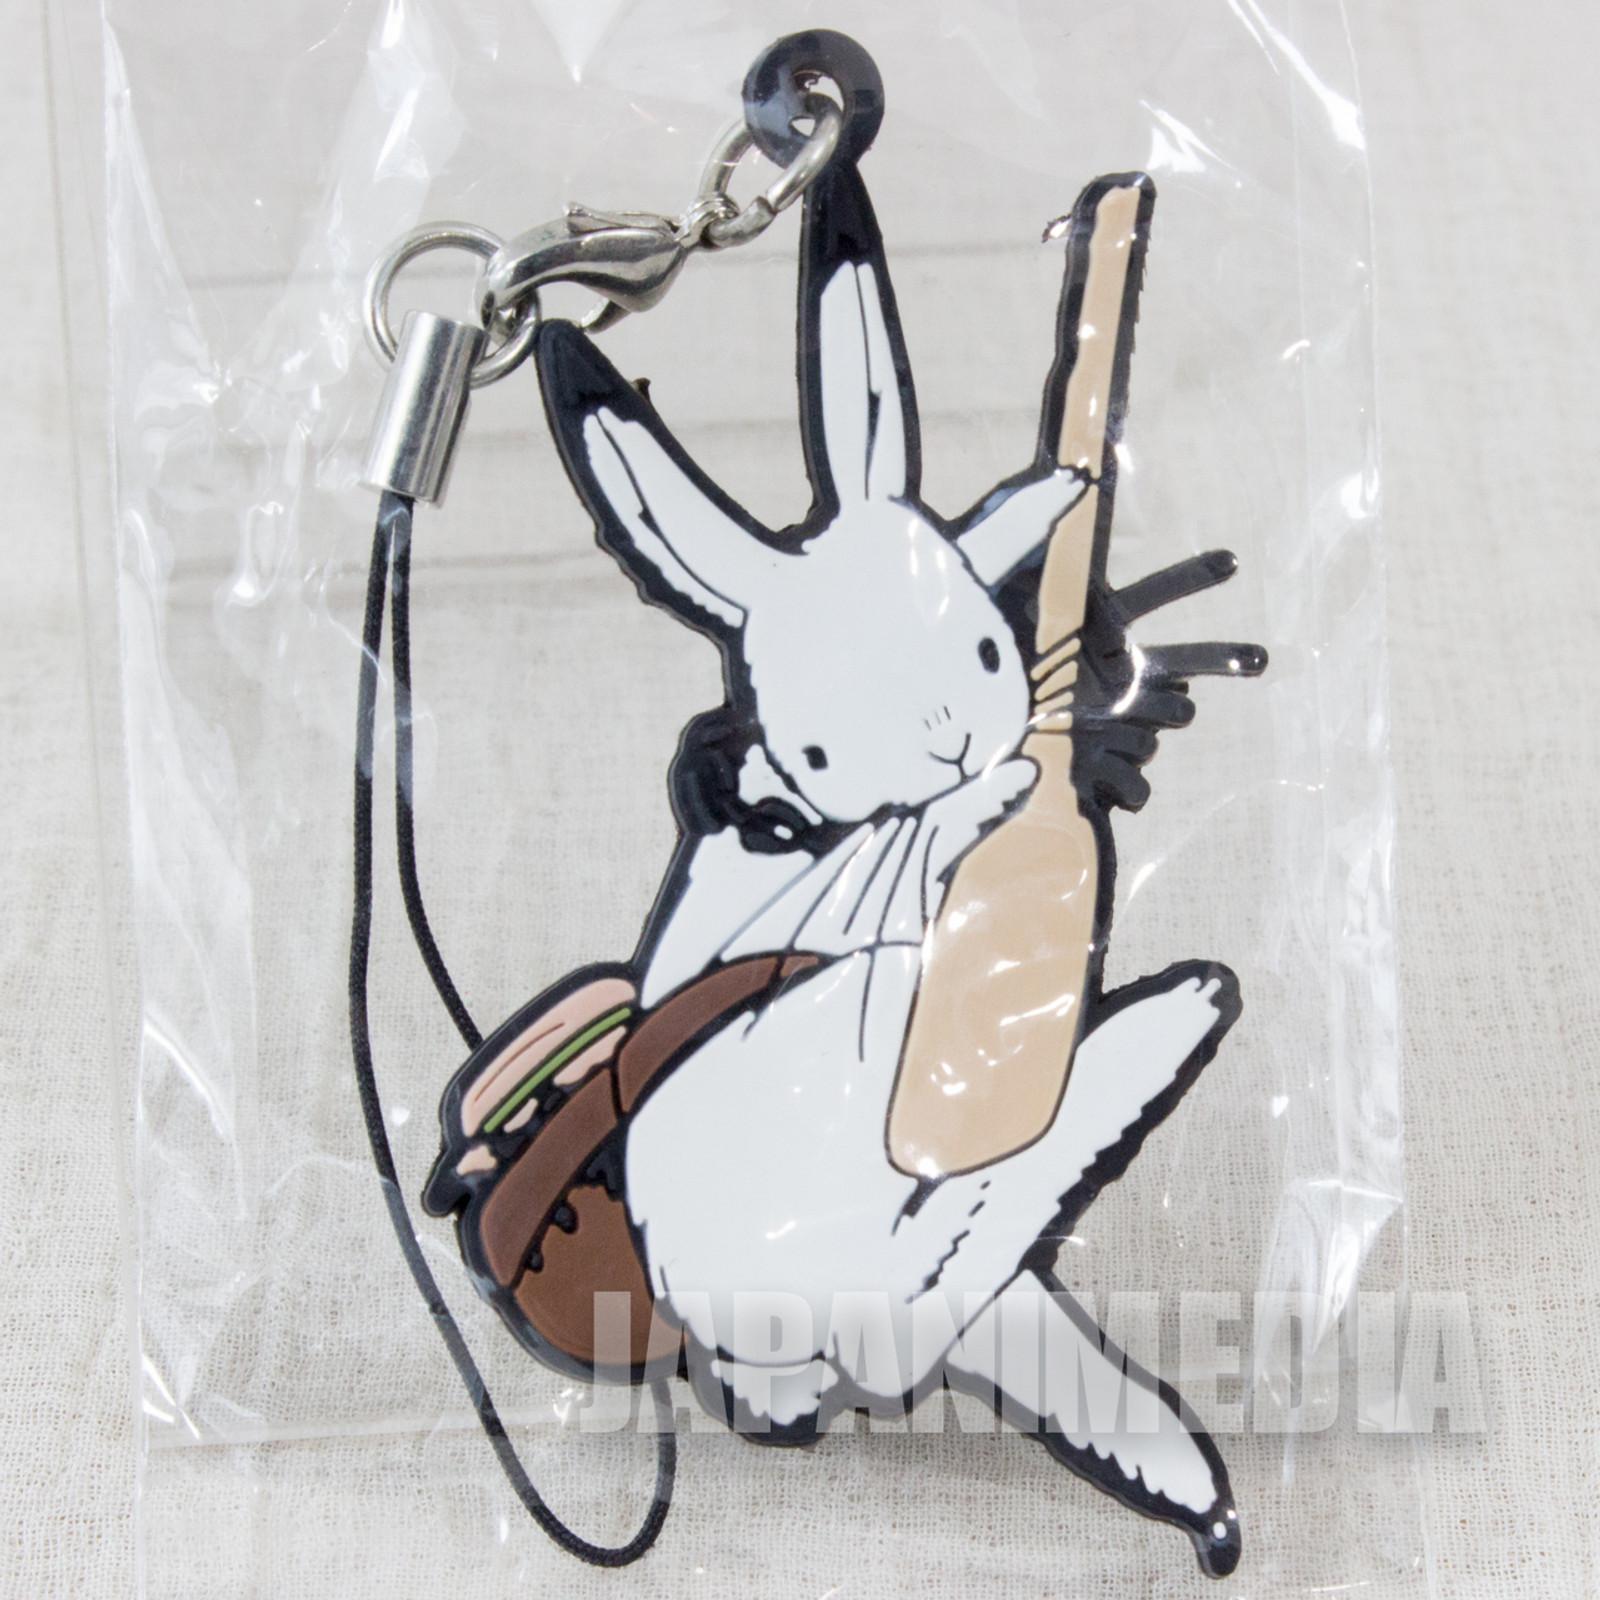 Hozuki no Reitetsu Karashi Rubber Mascot Strap Collection JAPAN ANIME MANGA